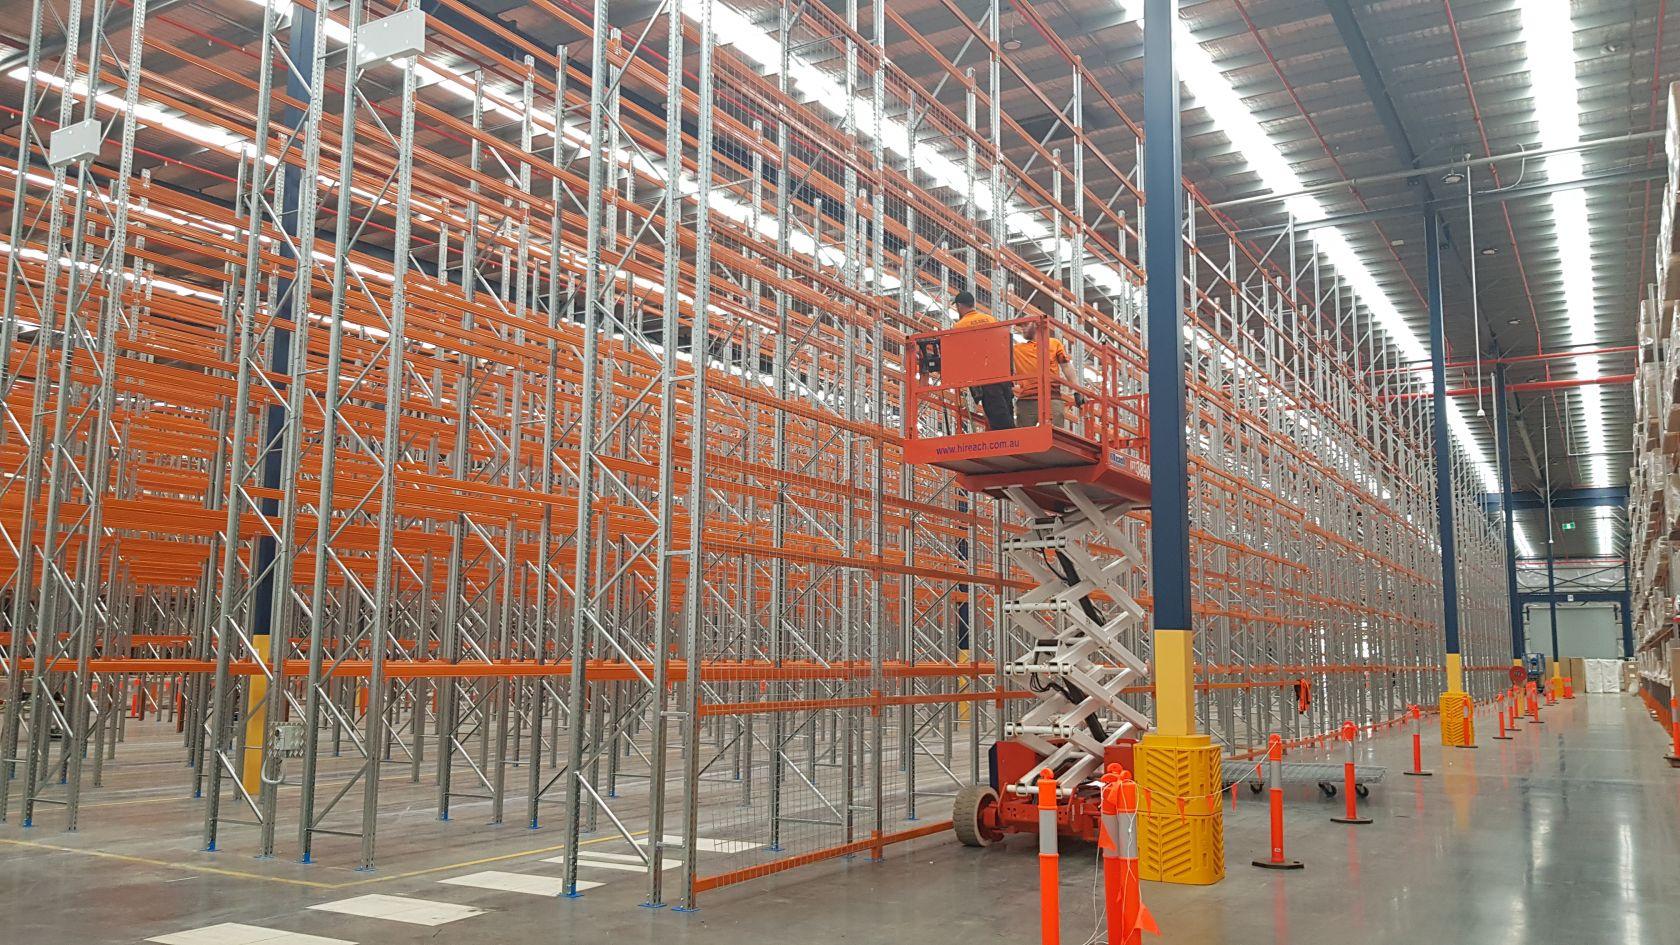 amart-warehouse-industrial-schiavello-construction-brisbane-queensland